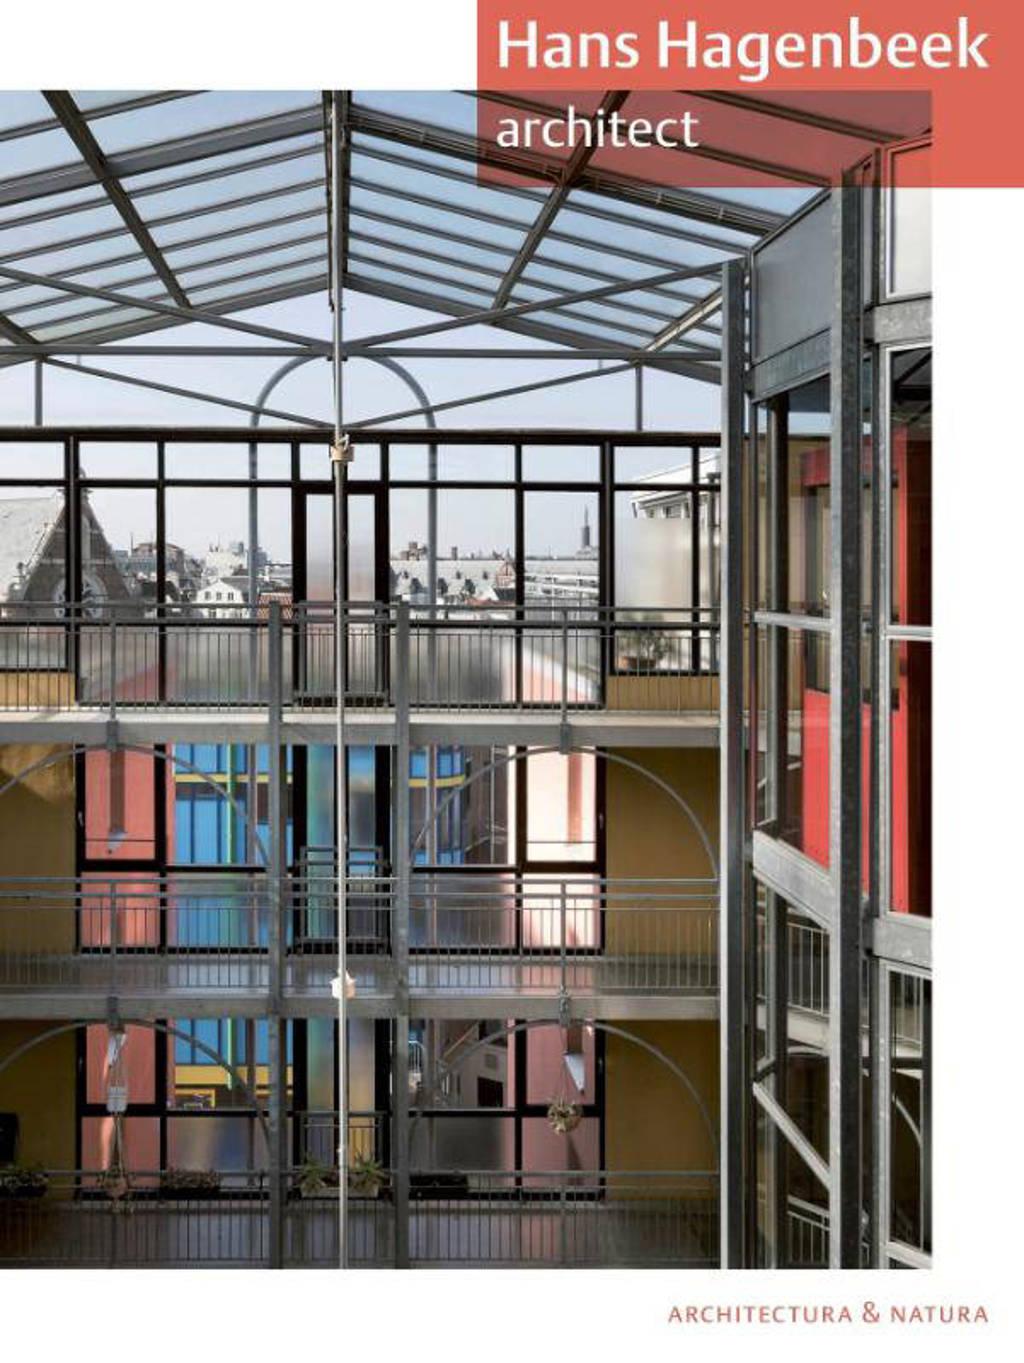 Hans Hagenbeek Architect - Marijke Beek